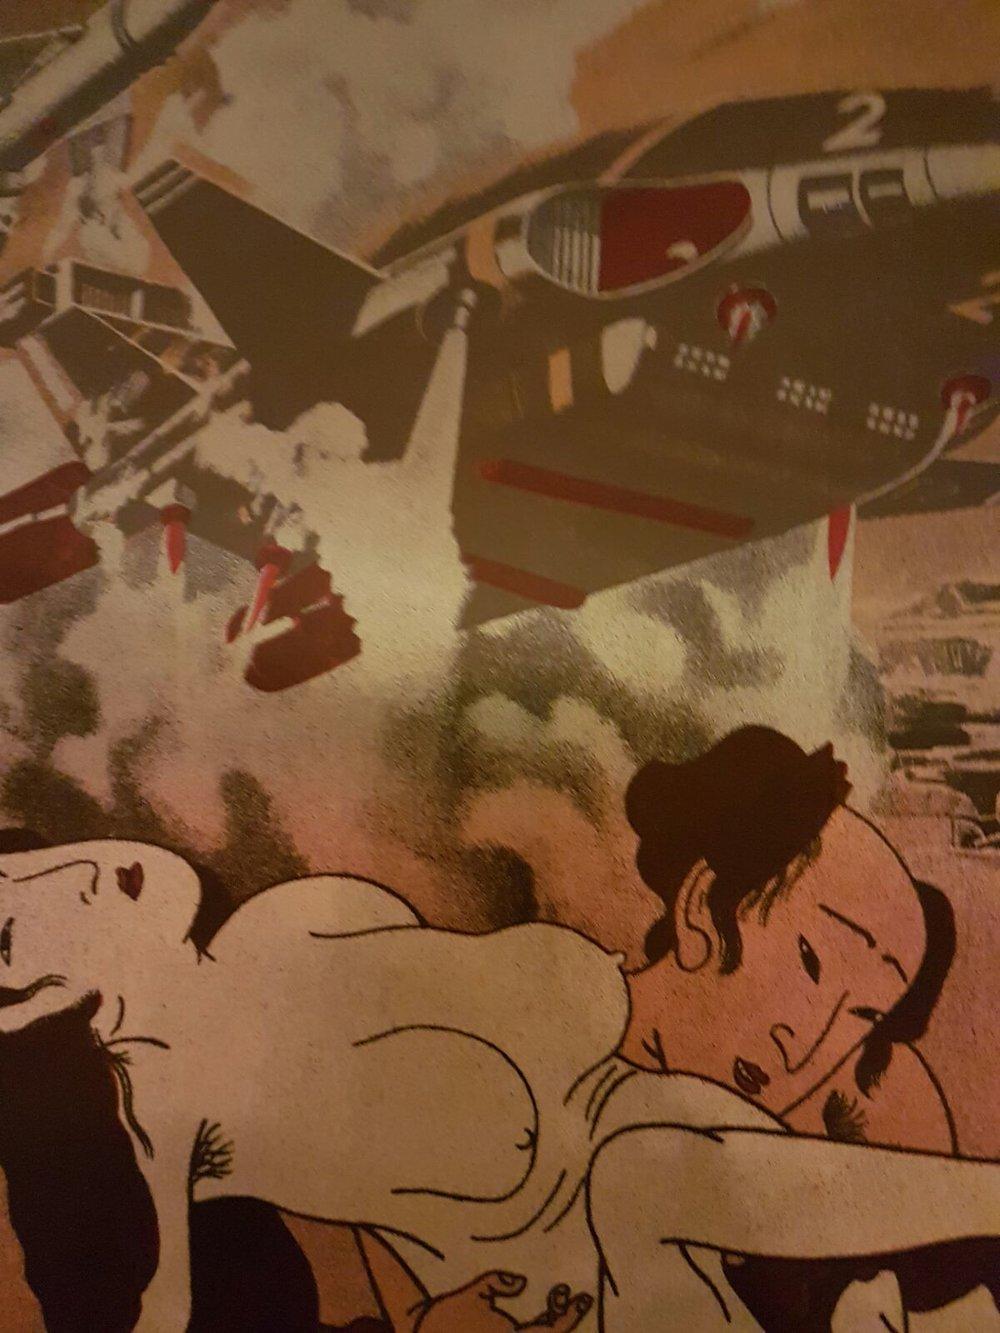 """Raum der """"Helden""""   Krieg und Macht. Männerphantasien. Gewalt für Gott und Vaterland. Die Kombination japanischer Shungas mit moderner Kriegsmaschinerie aus isländischer Sicht."""